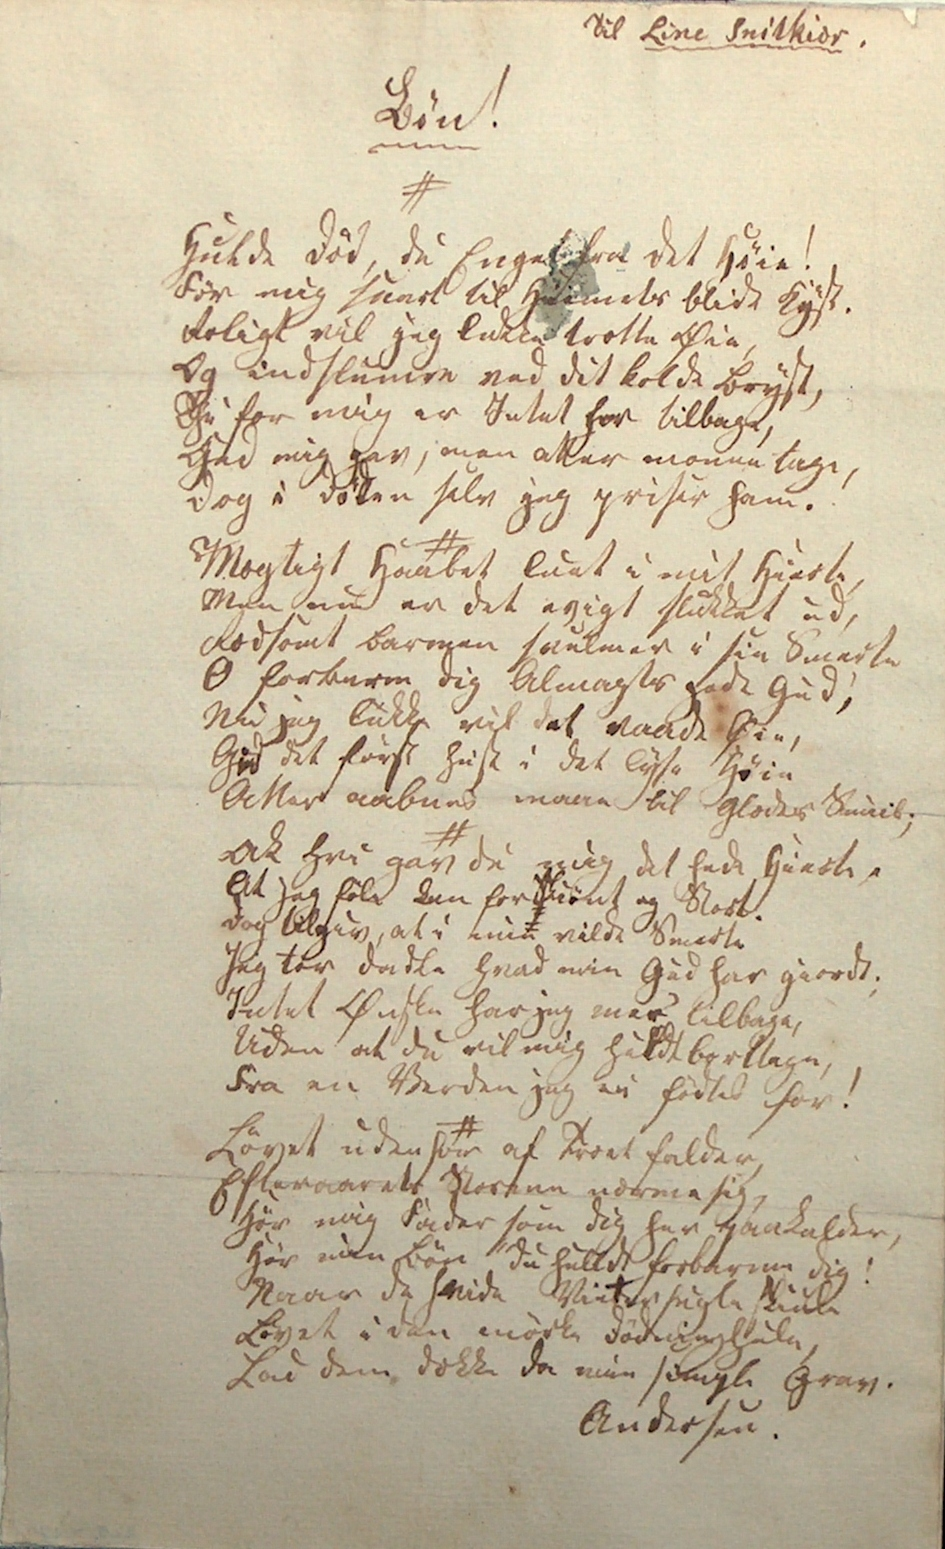 Digt fra H.C. Andersens skoletid i Slagelse 1824 stillet til Jomfru Line Snitkiær.